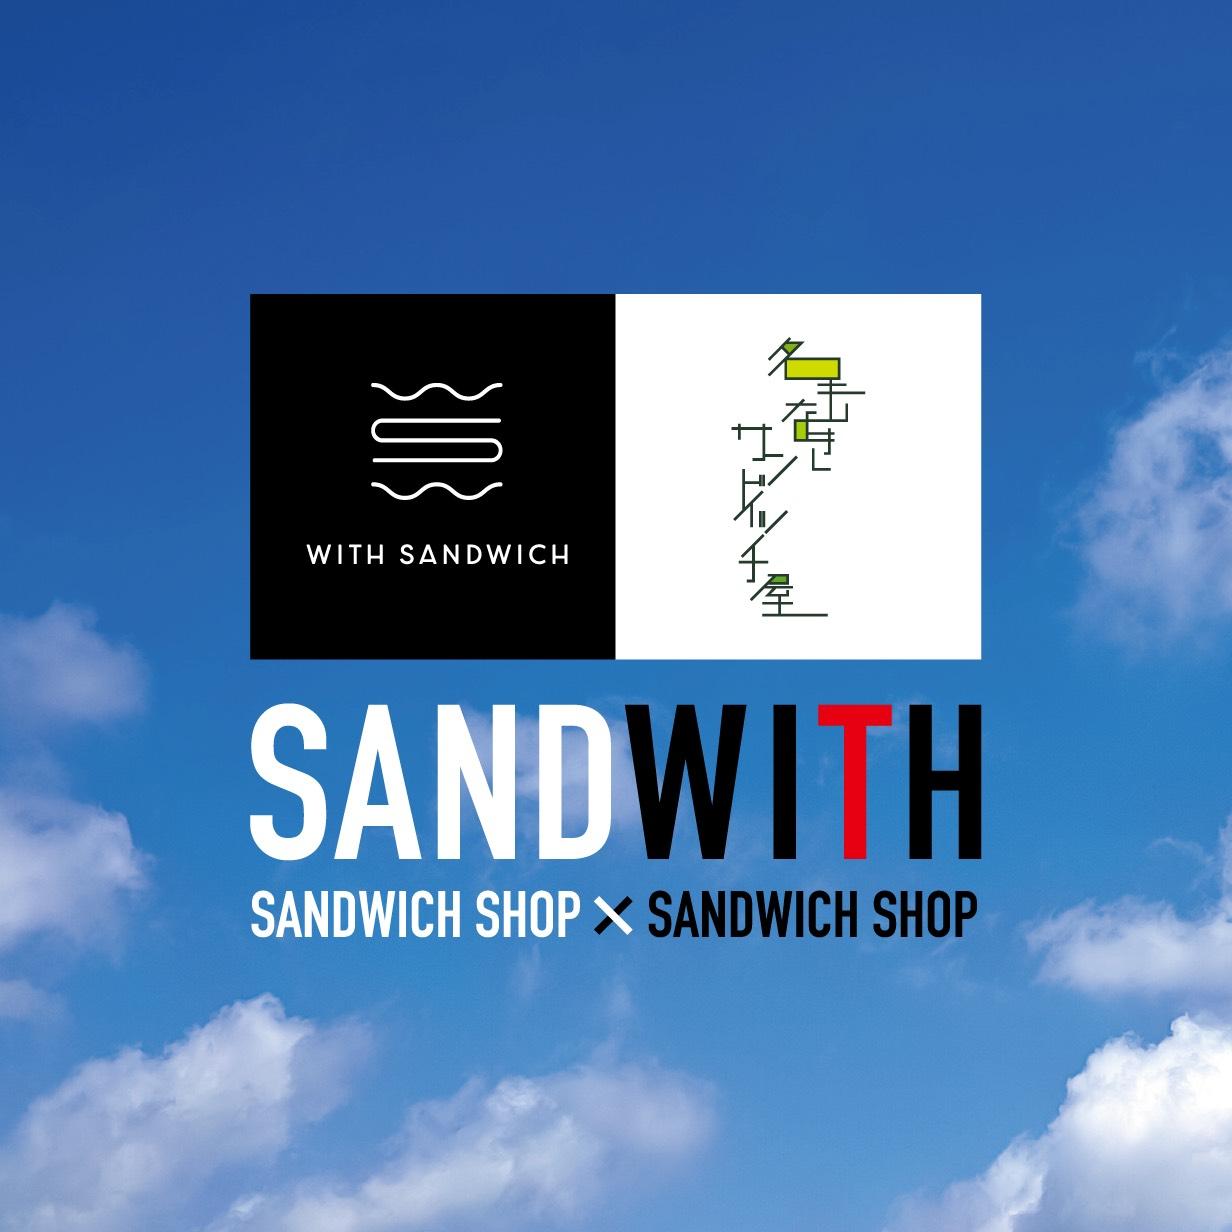 SANDWITH